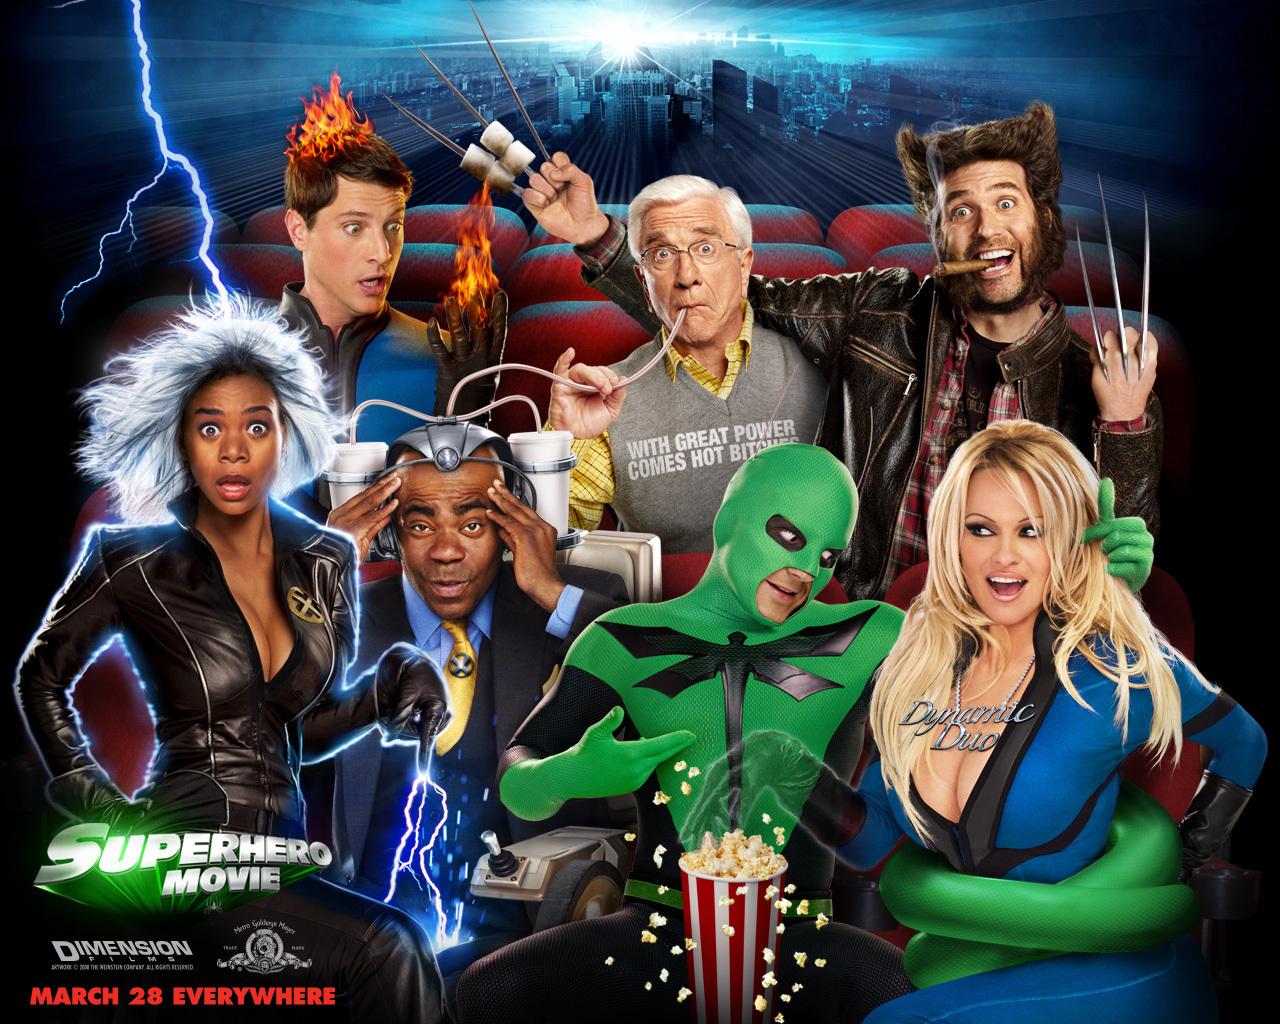 Superhero Movie   Movies Wallpaper 910342 1280x1024